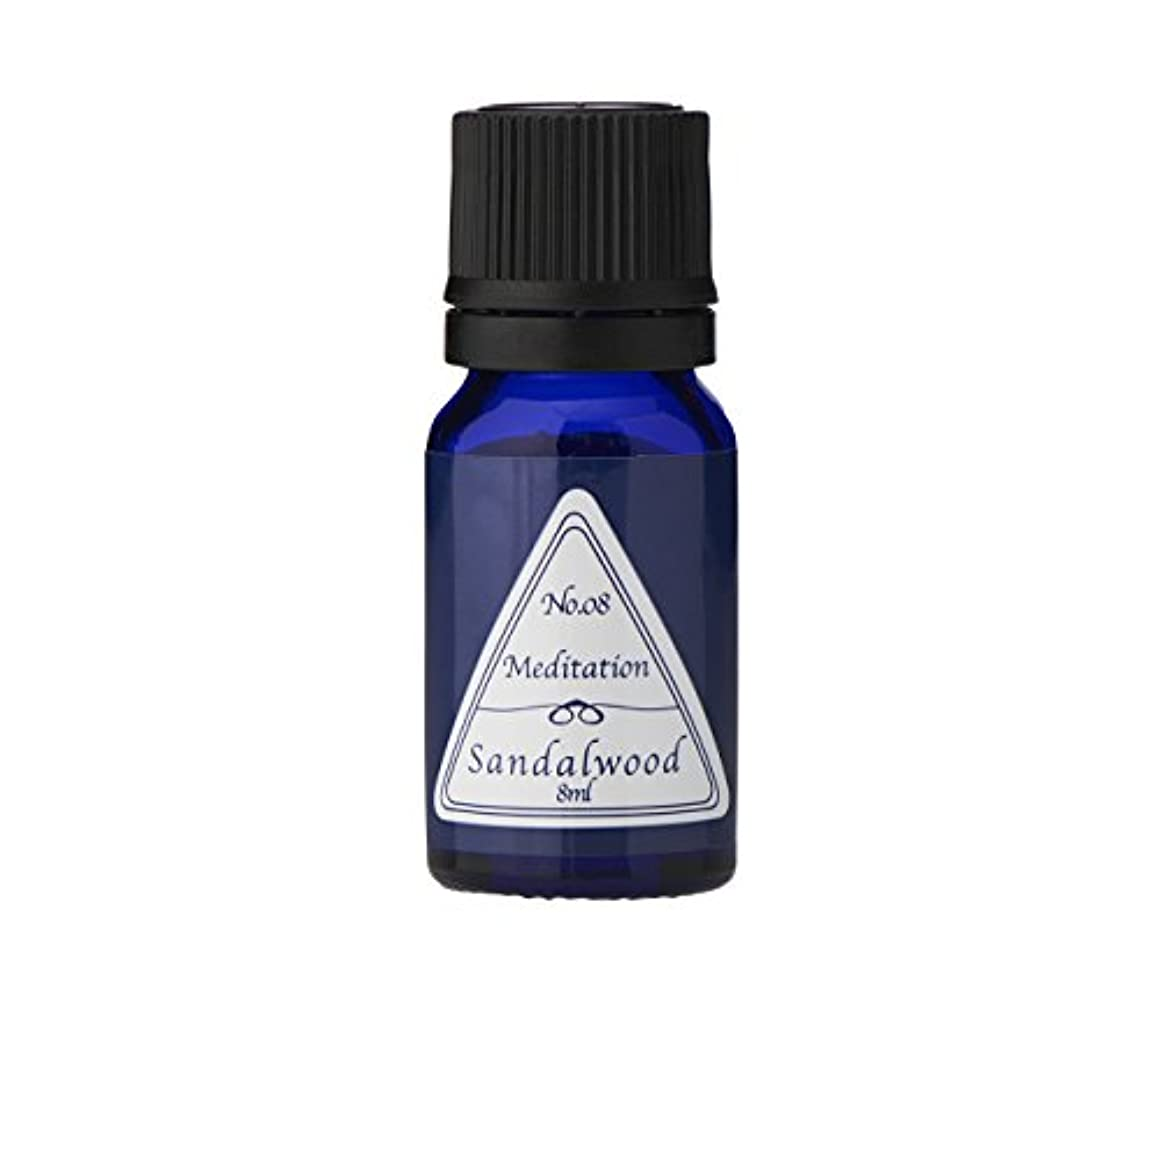 男らしいイタリアの処理ブルーラベル アロマエッセンス8ml サンダルウッド(アロマオイル 調合香料 芳香用)